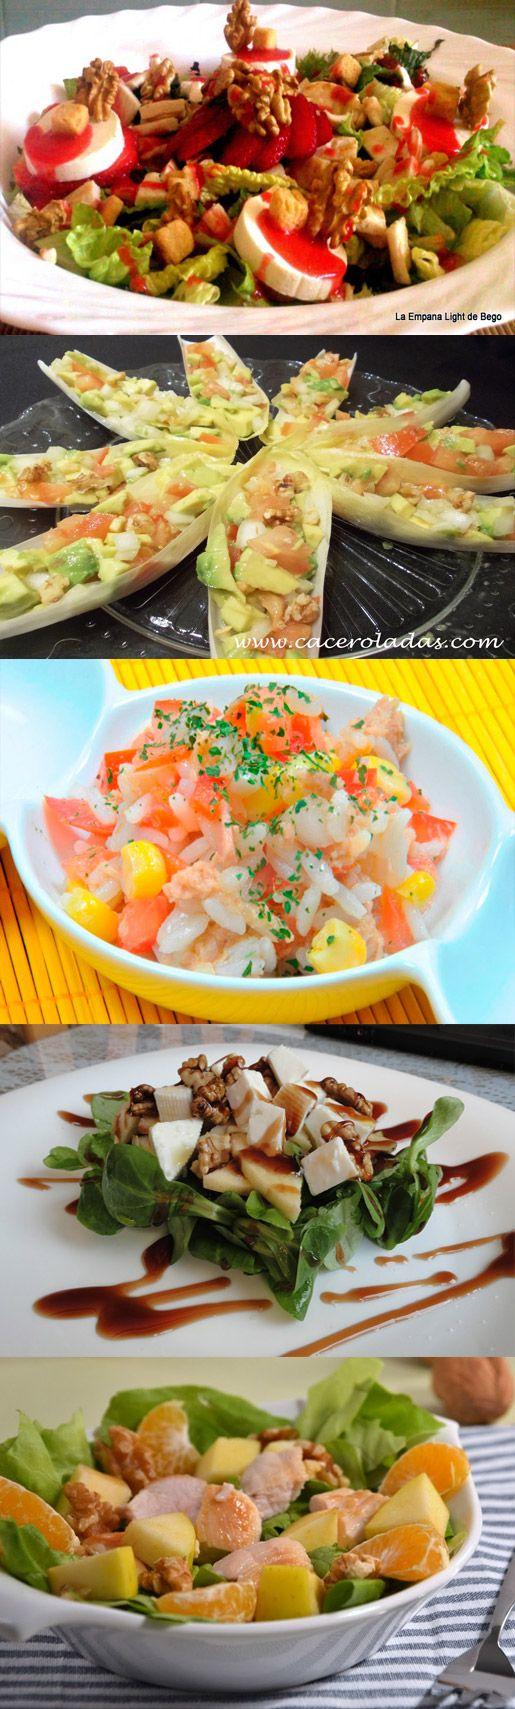 9 Ensaladas Completas como plato único #ensaladas